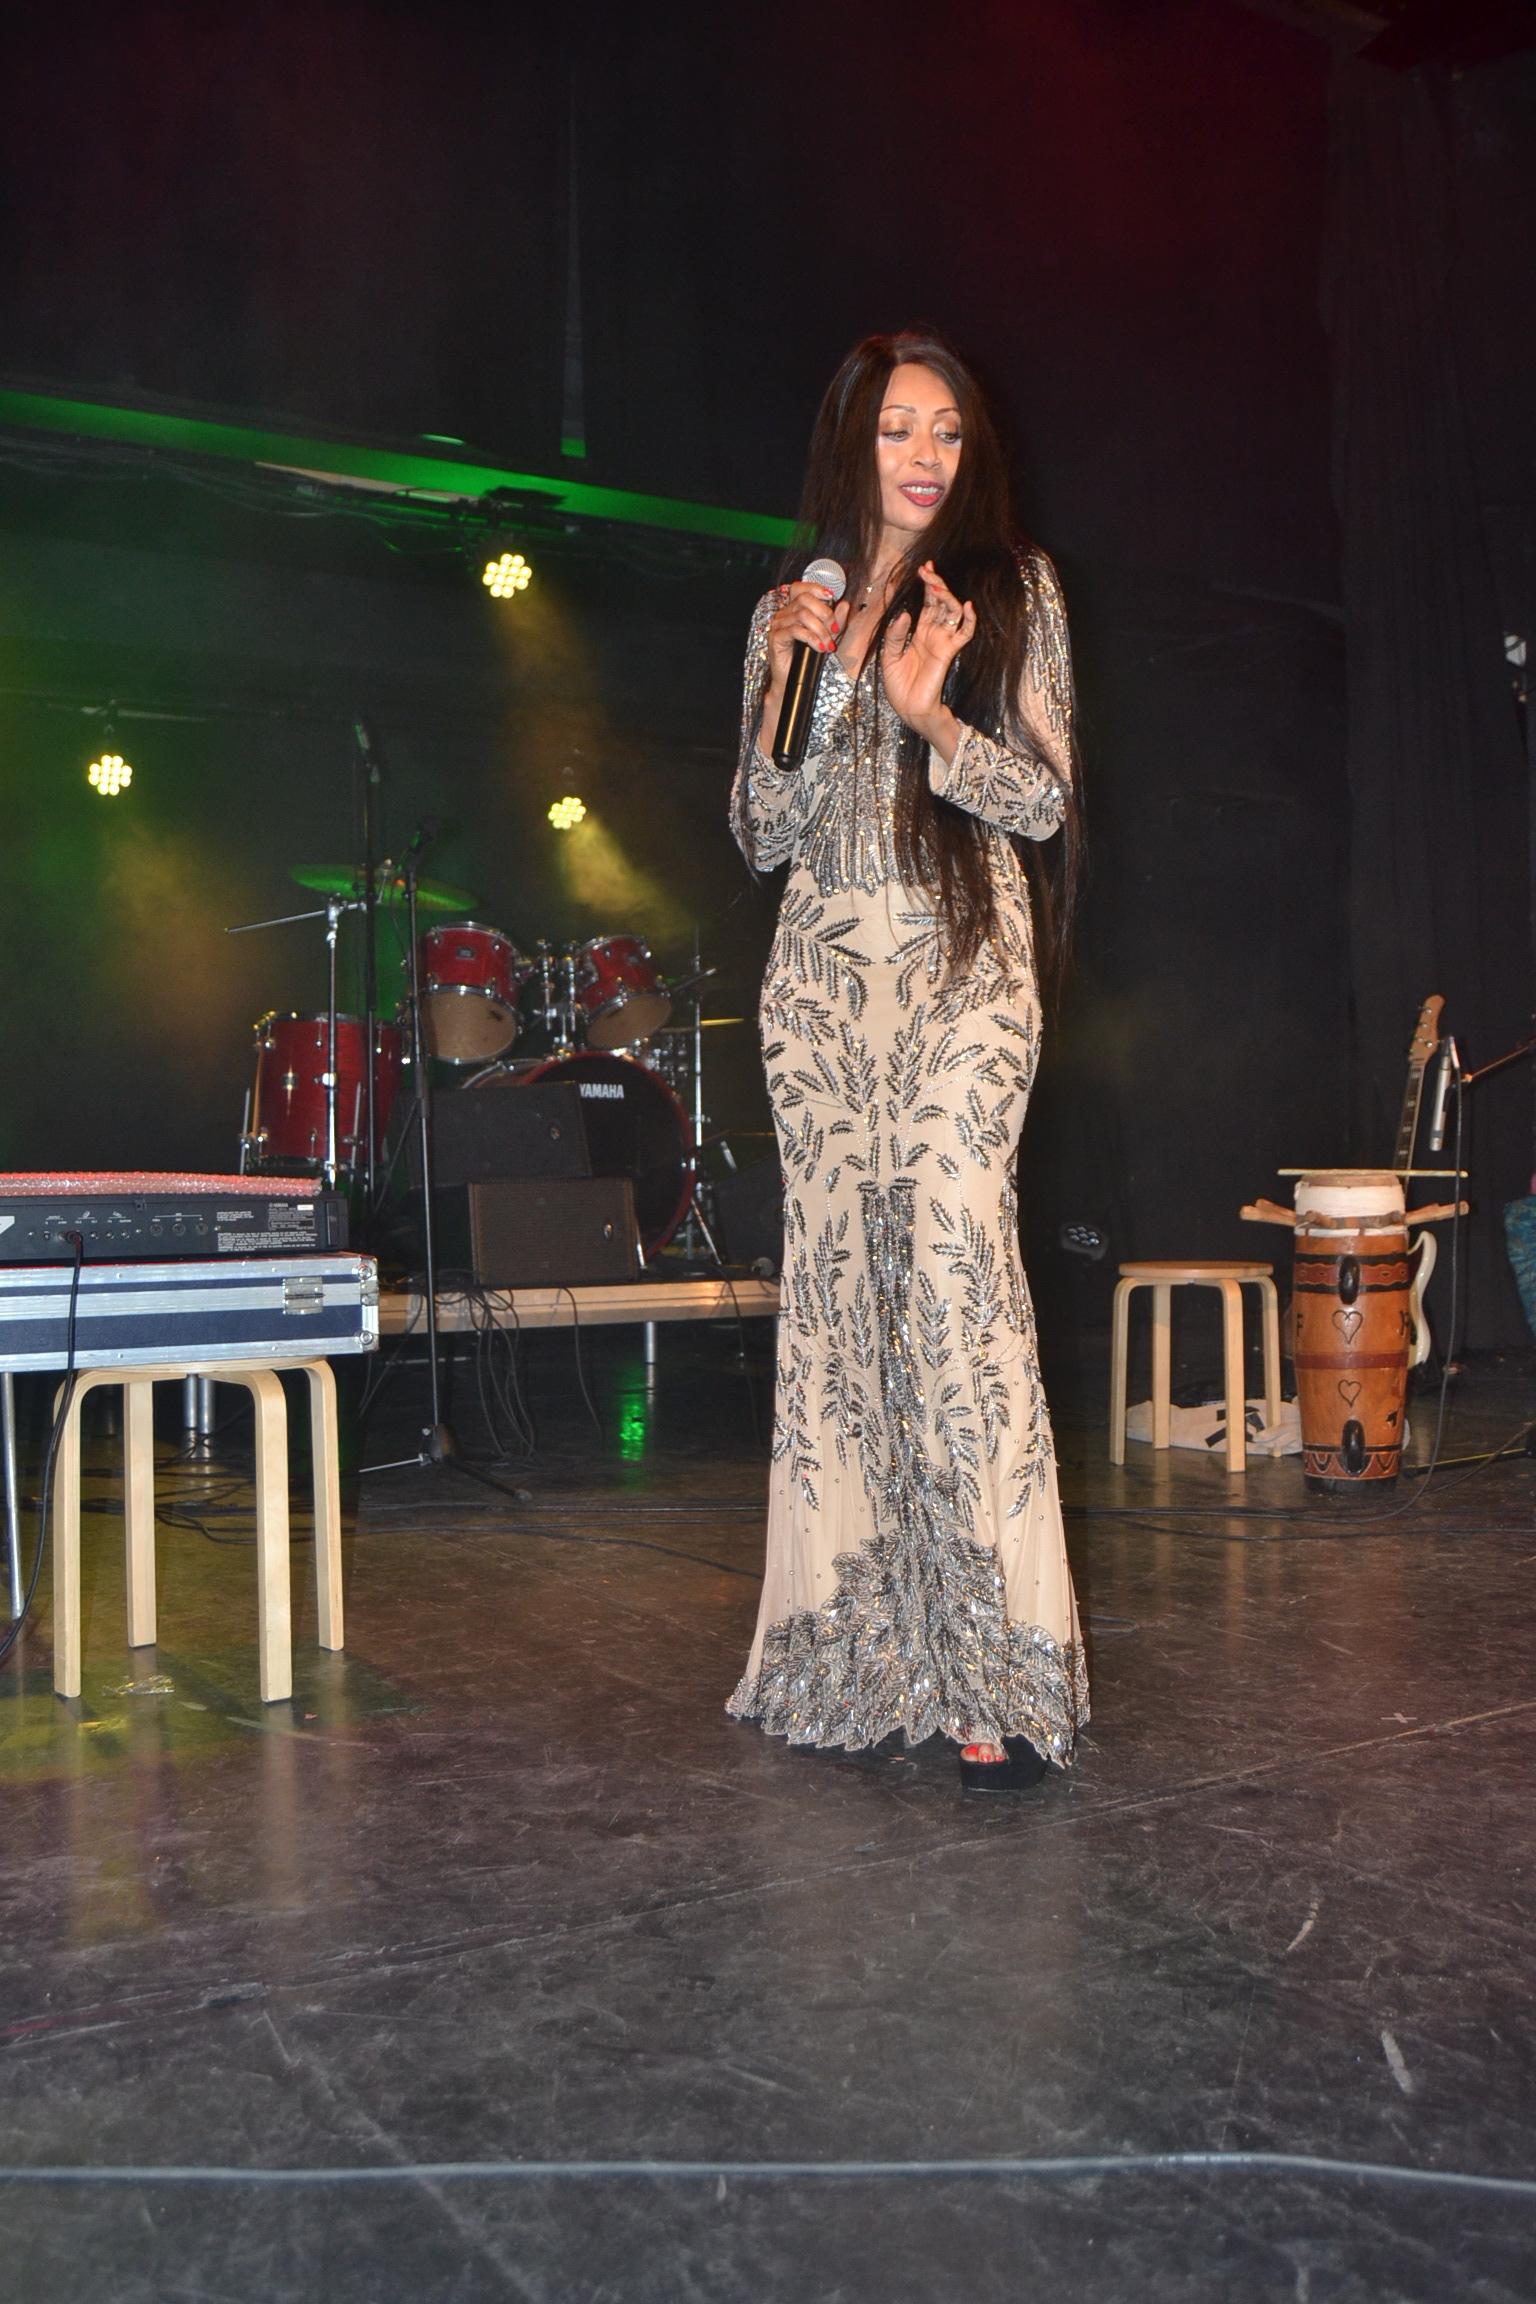 A la découverte de la chanteuse Isis Isis sur la scène du concert de Pape Diouf à Genève en Suisse.